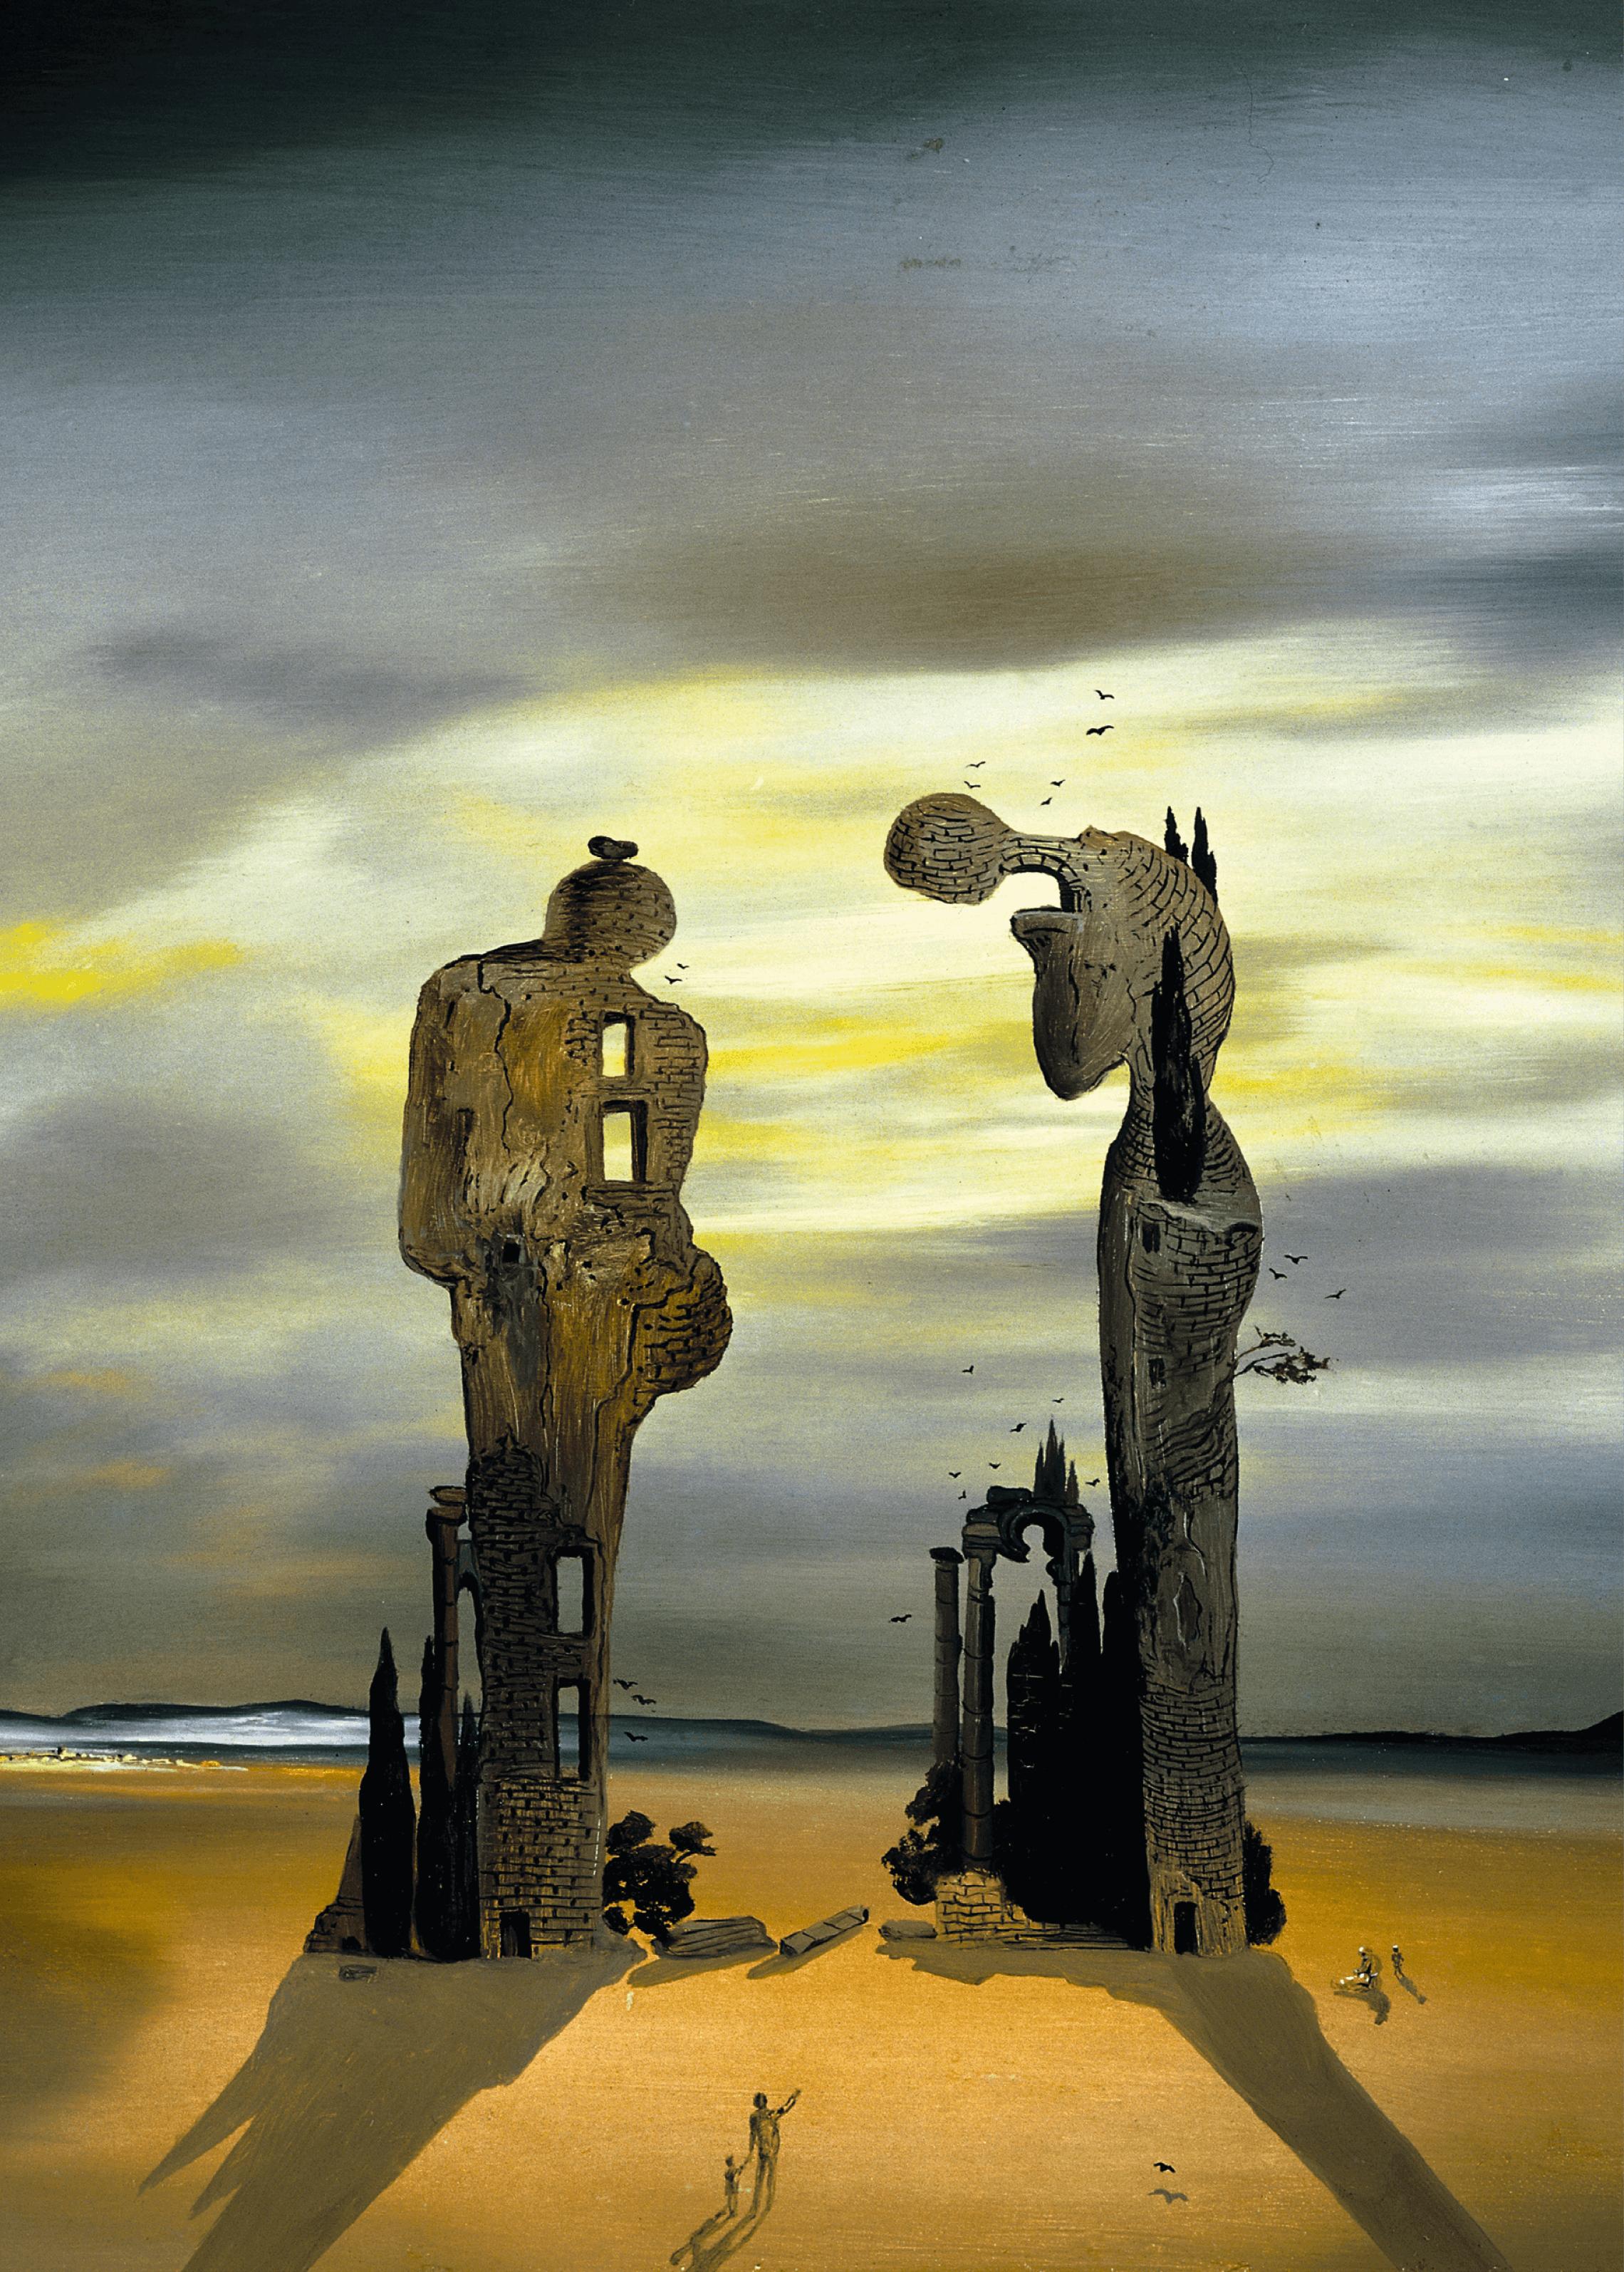 Salvador Dali, The Angelus, 1933-1935, huile sur panneau, 32 × 39 cm (Salvador Dali museum, St. Petersburg).